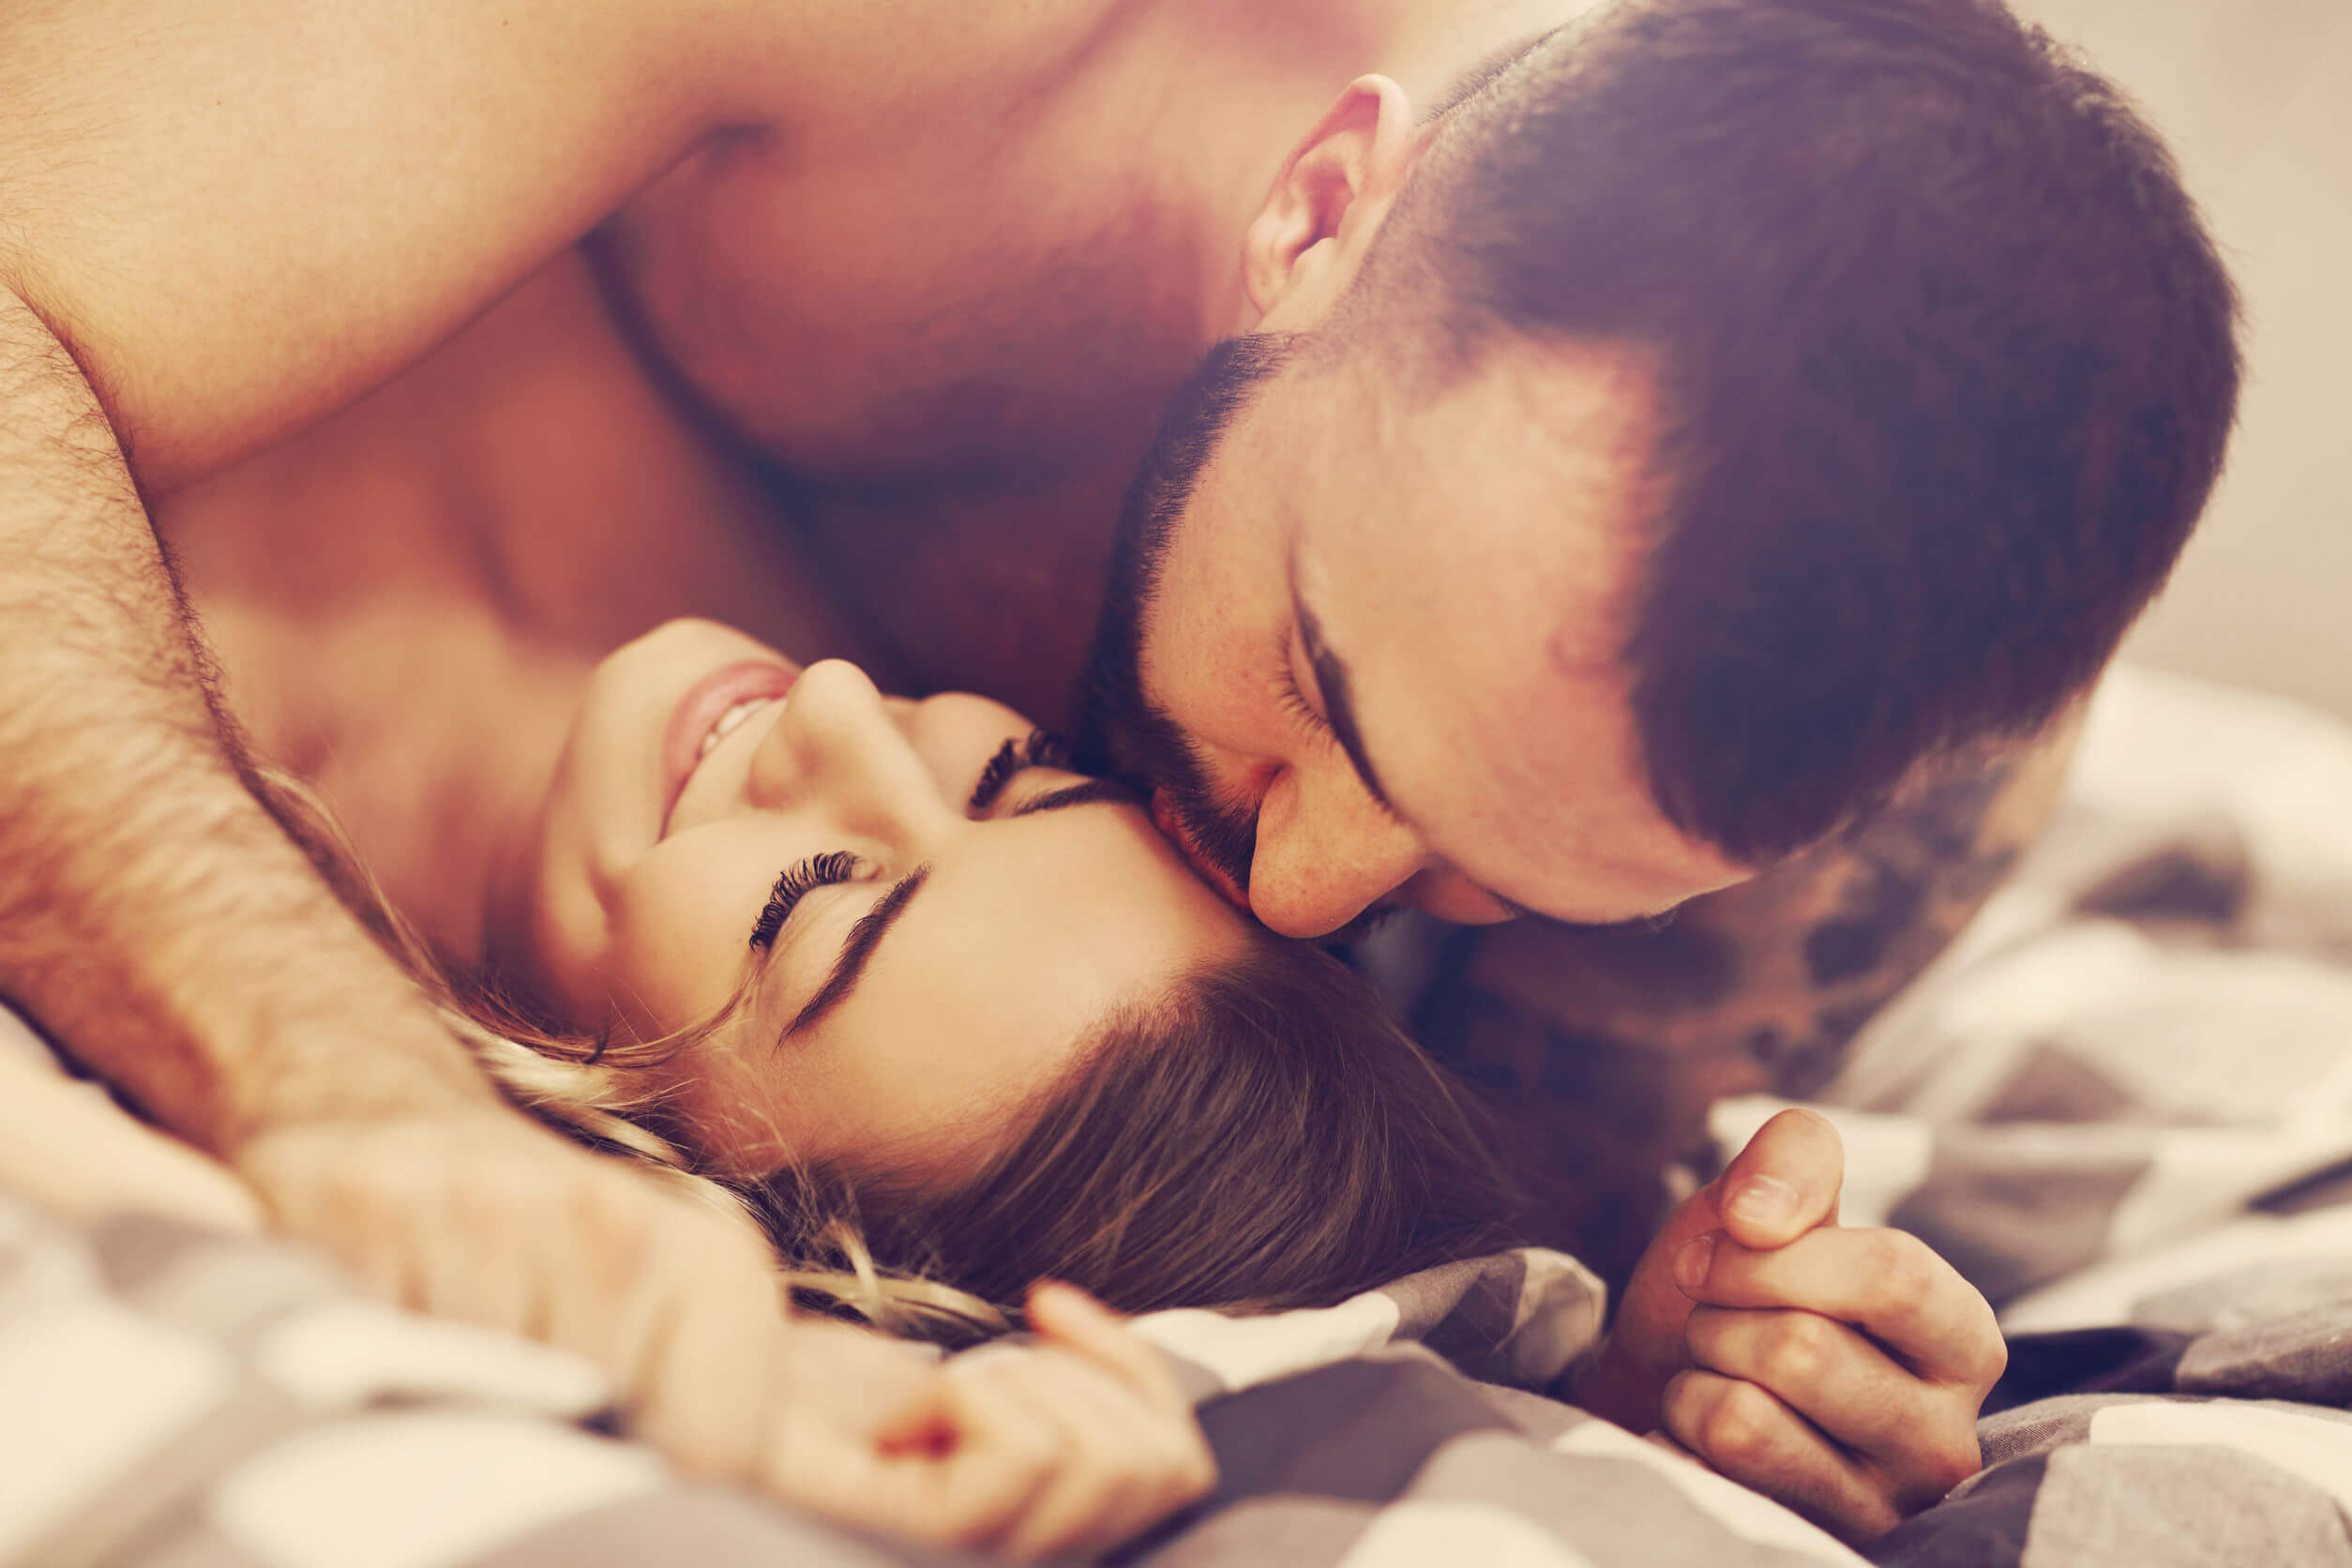 Las posturas sexuales románticas pueden ser más satisfactorias.